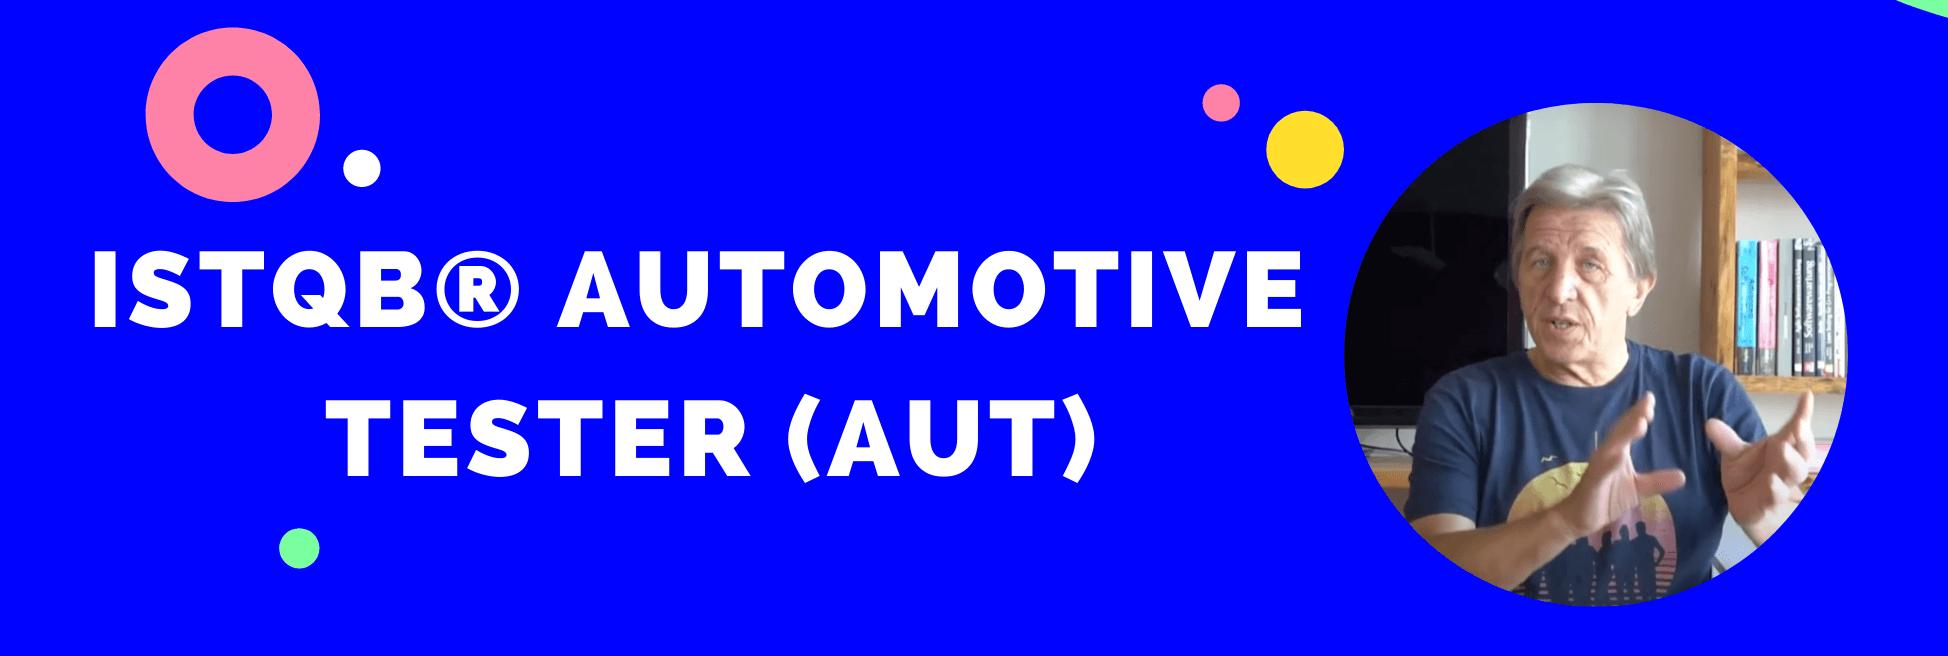 Kurzinterview mit Werner Lieblang zum ISTQB® Automotive Software Testing Training